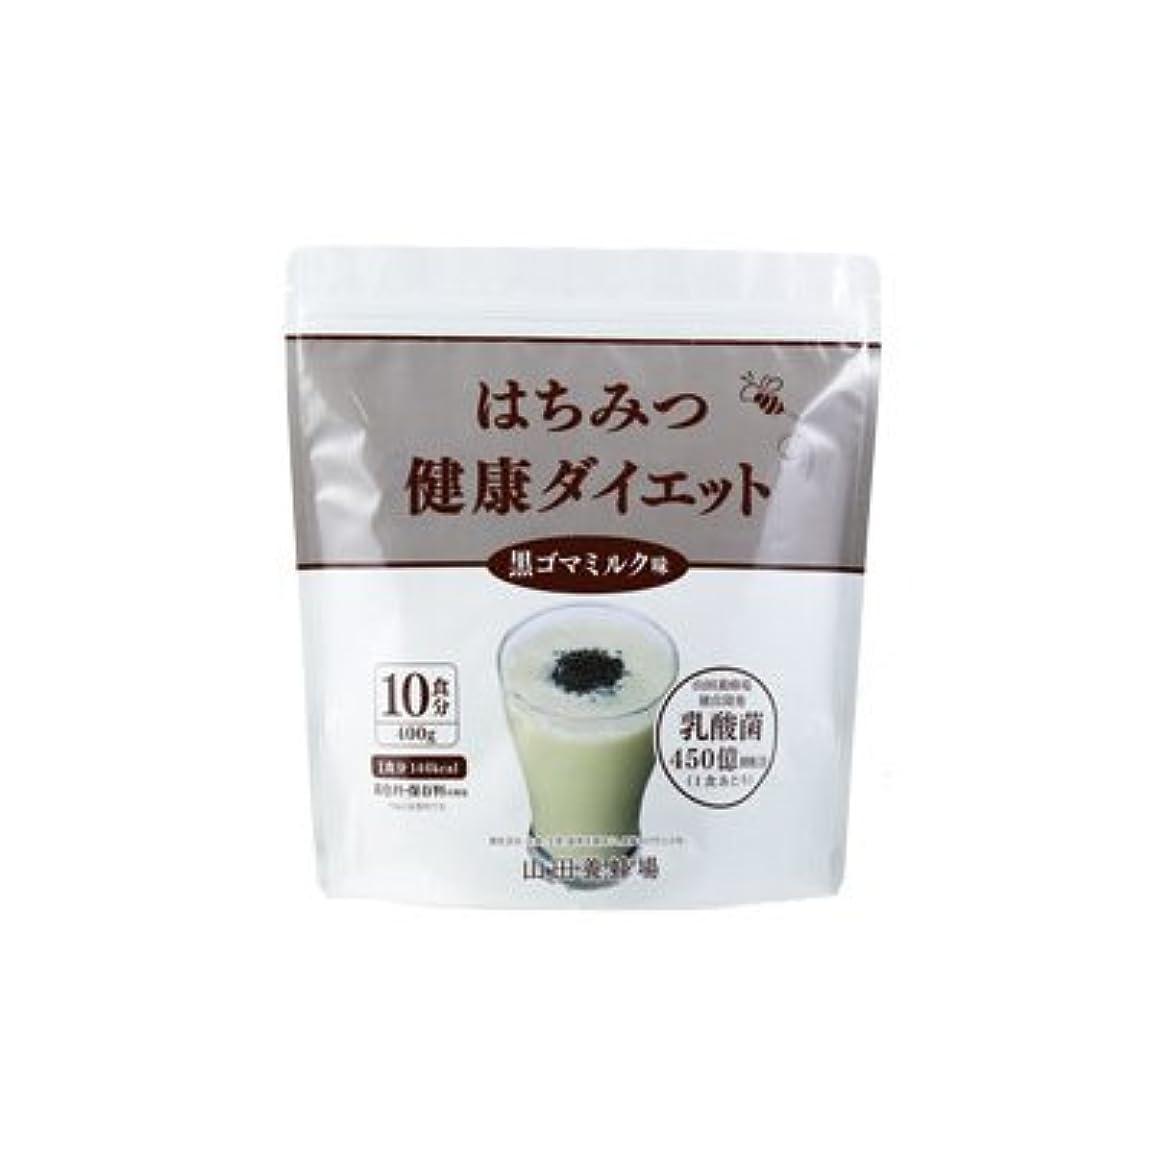 過剰致死おじいちゃんはちみつ健康ダイエット 【黒ごまミルク味】400g(10食分)